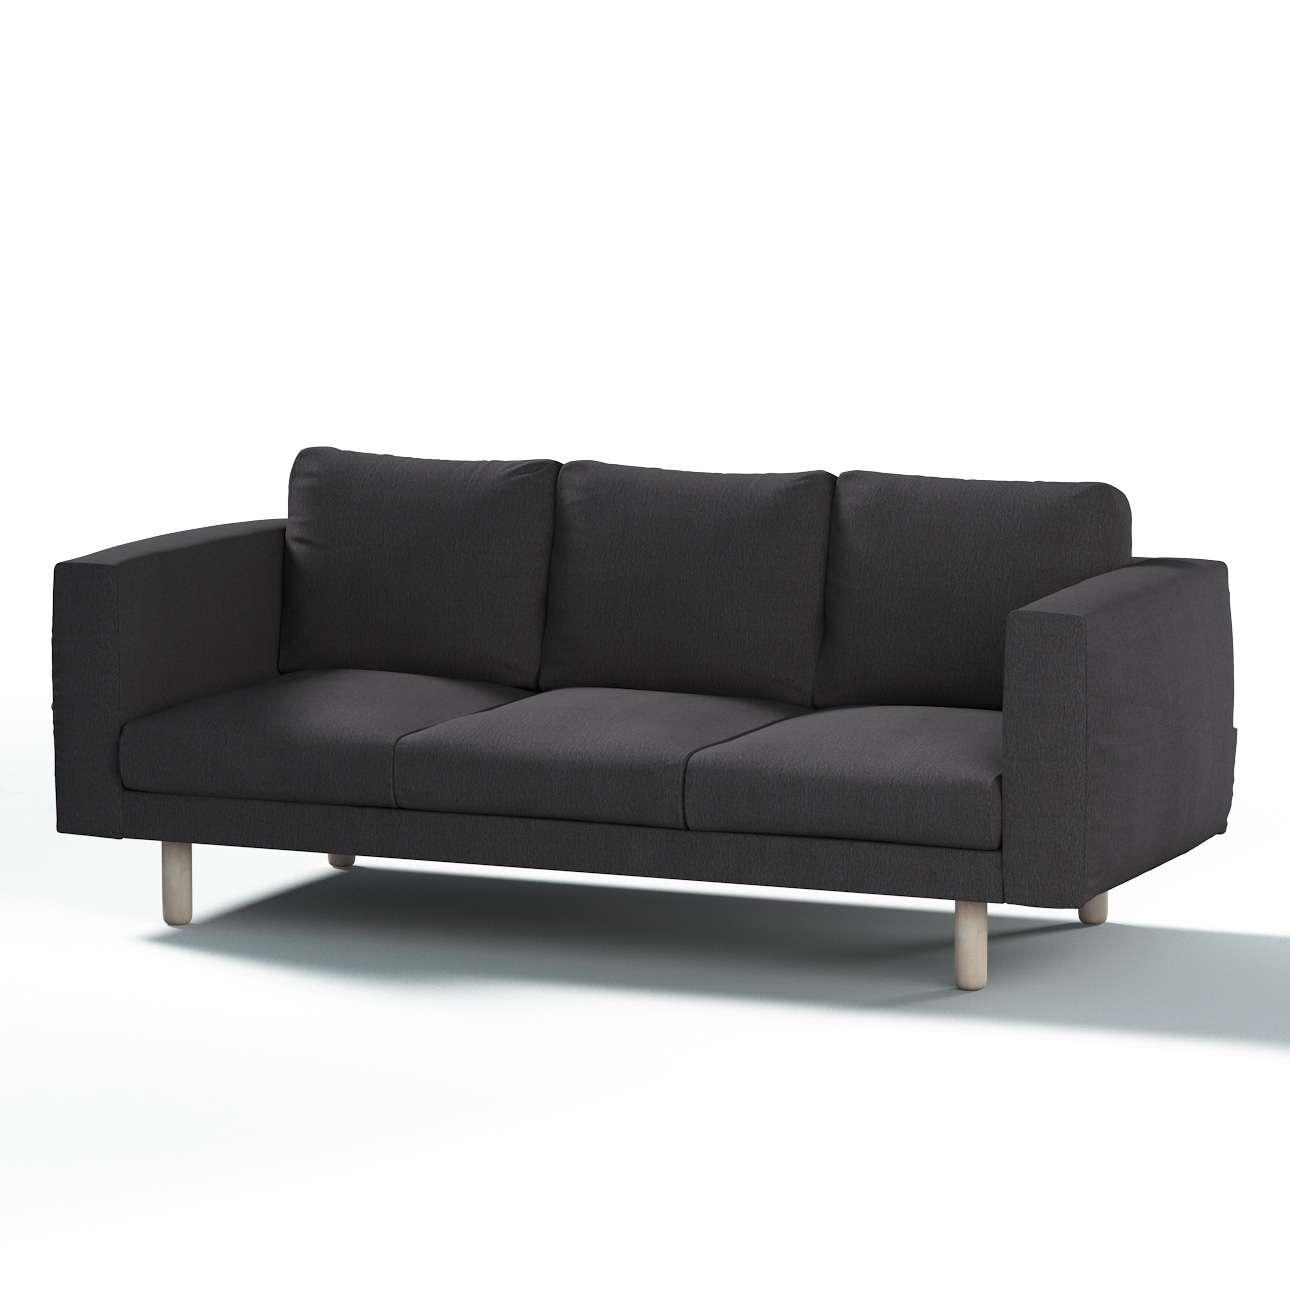 Pokrowiec na sofę Norsborg 3-osobową w kolekcji Chenille, tkanina: 702-20